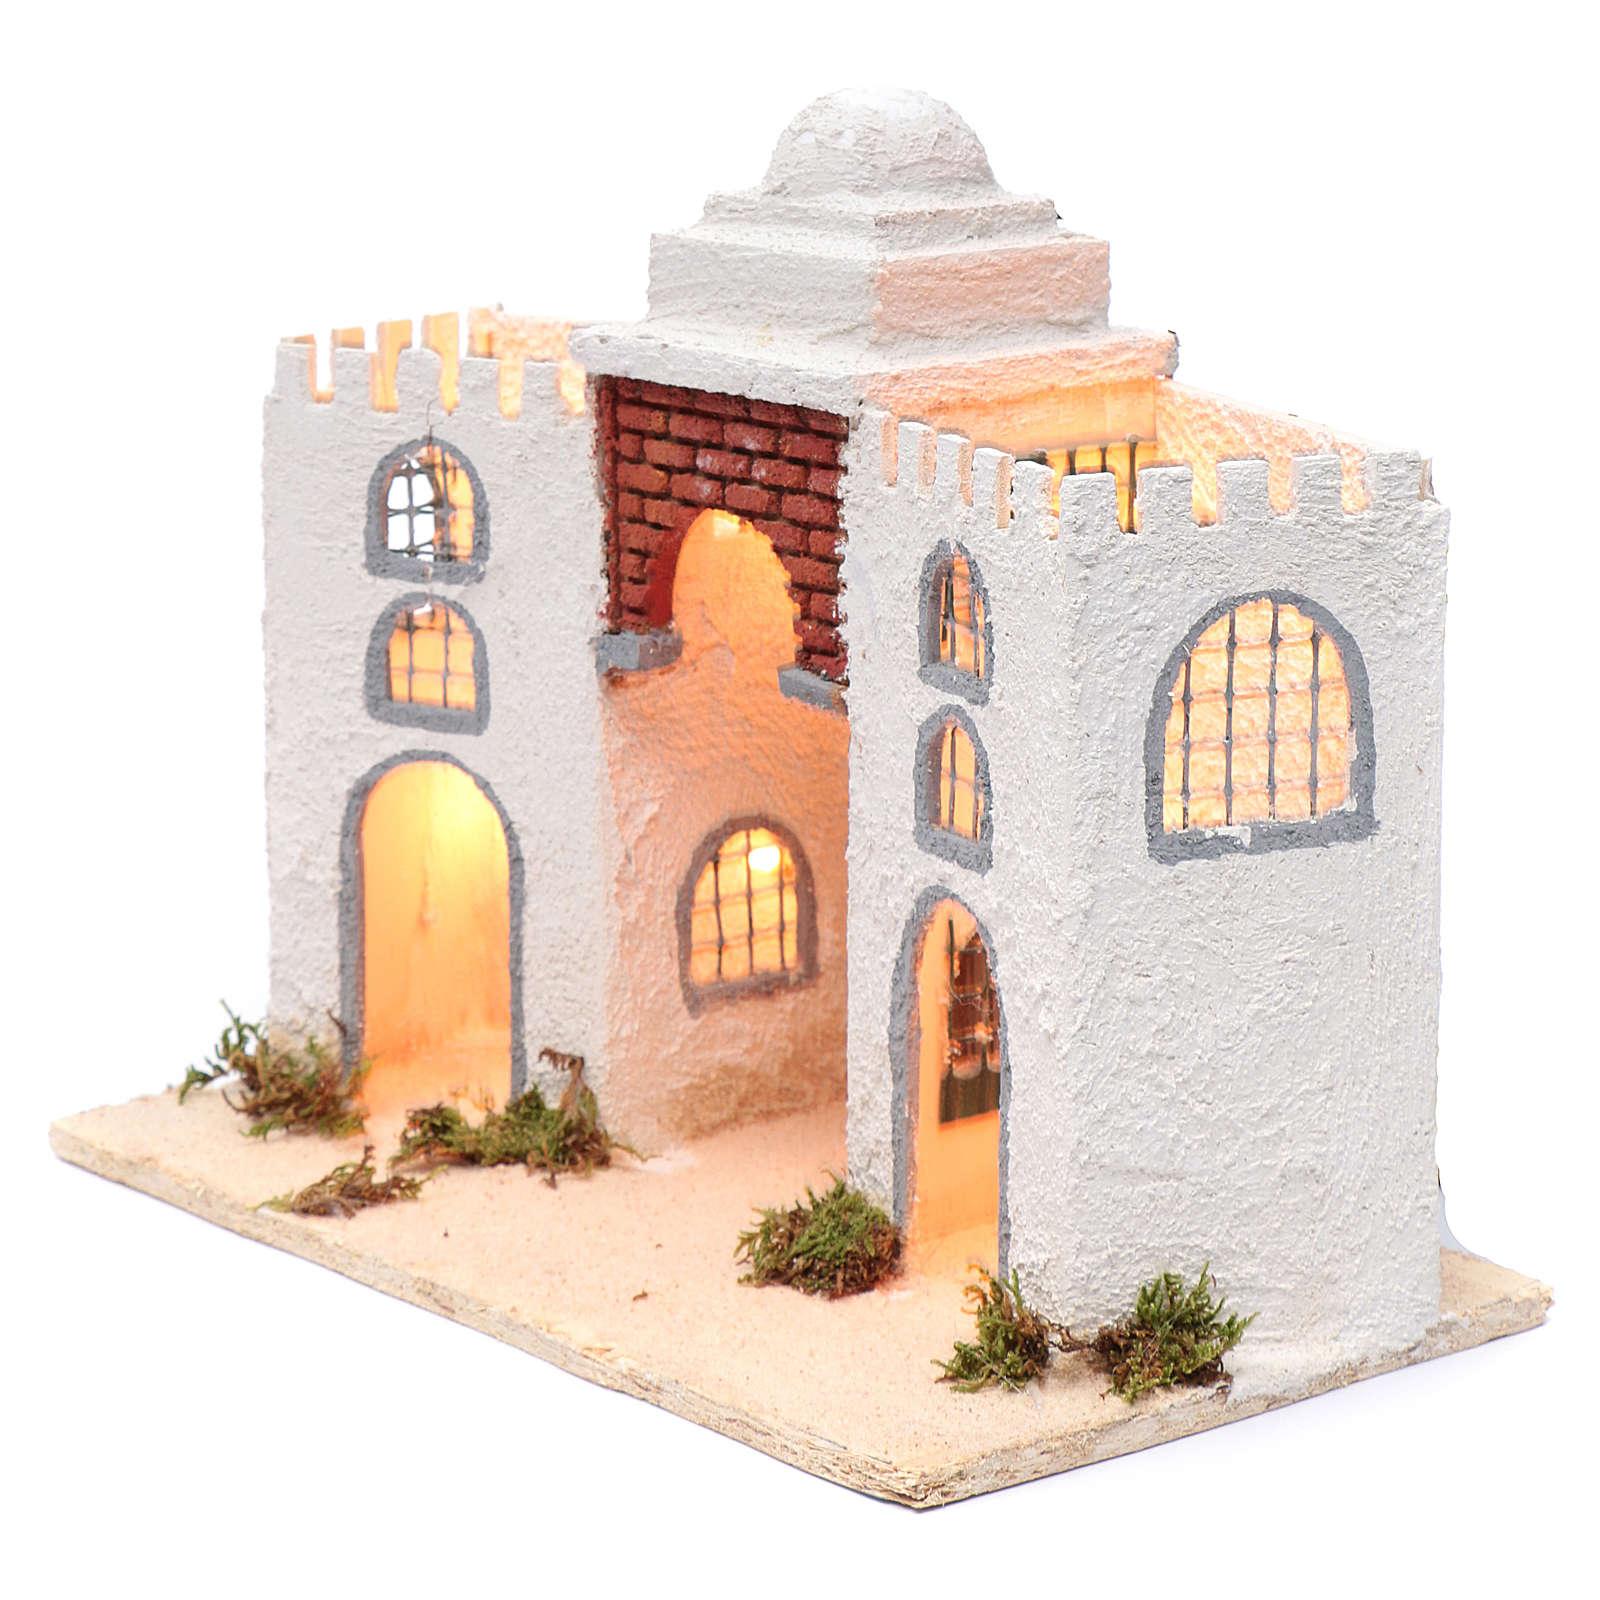 Ambientación casa árabe blanca doble arco y puerta 30 x 35 x 20 cm belén napolitano 4